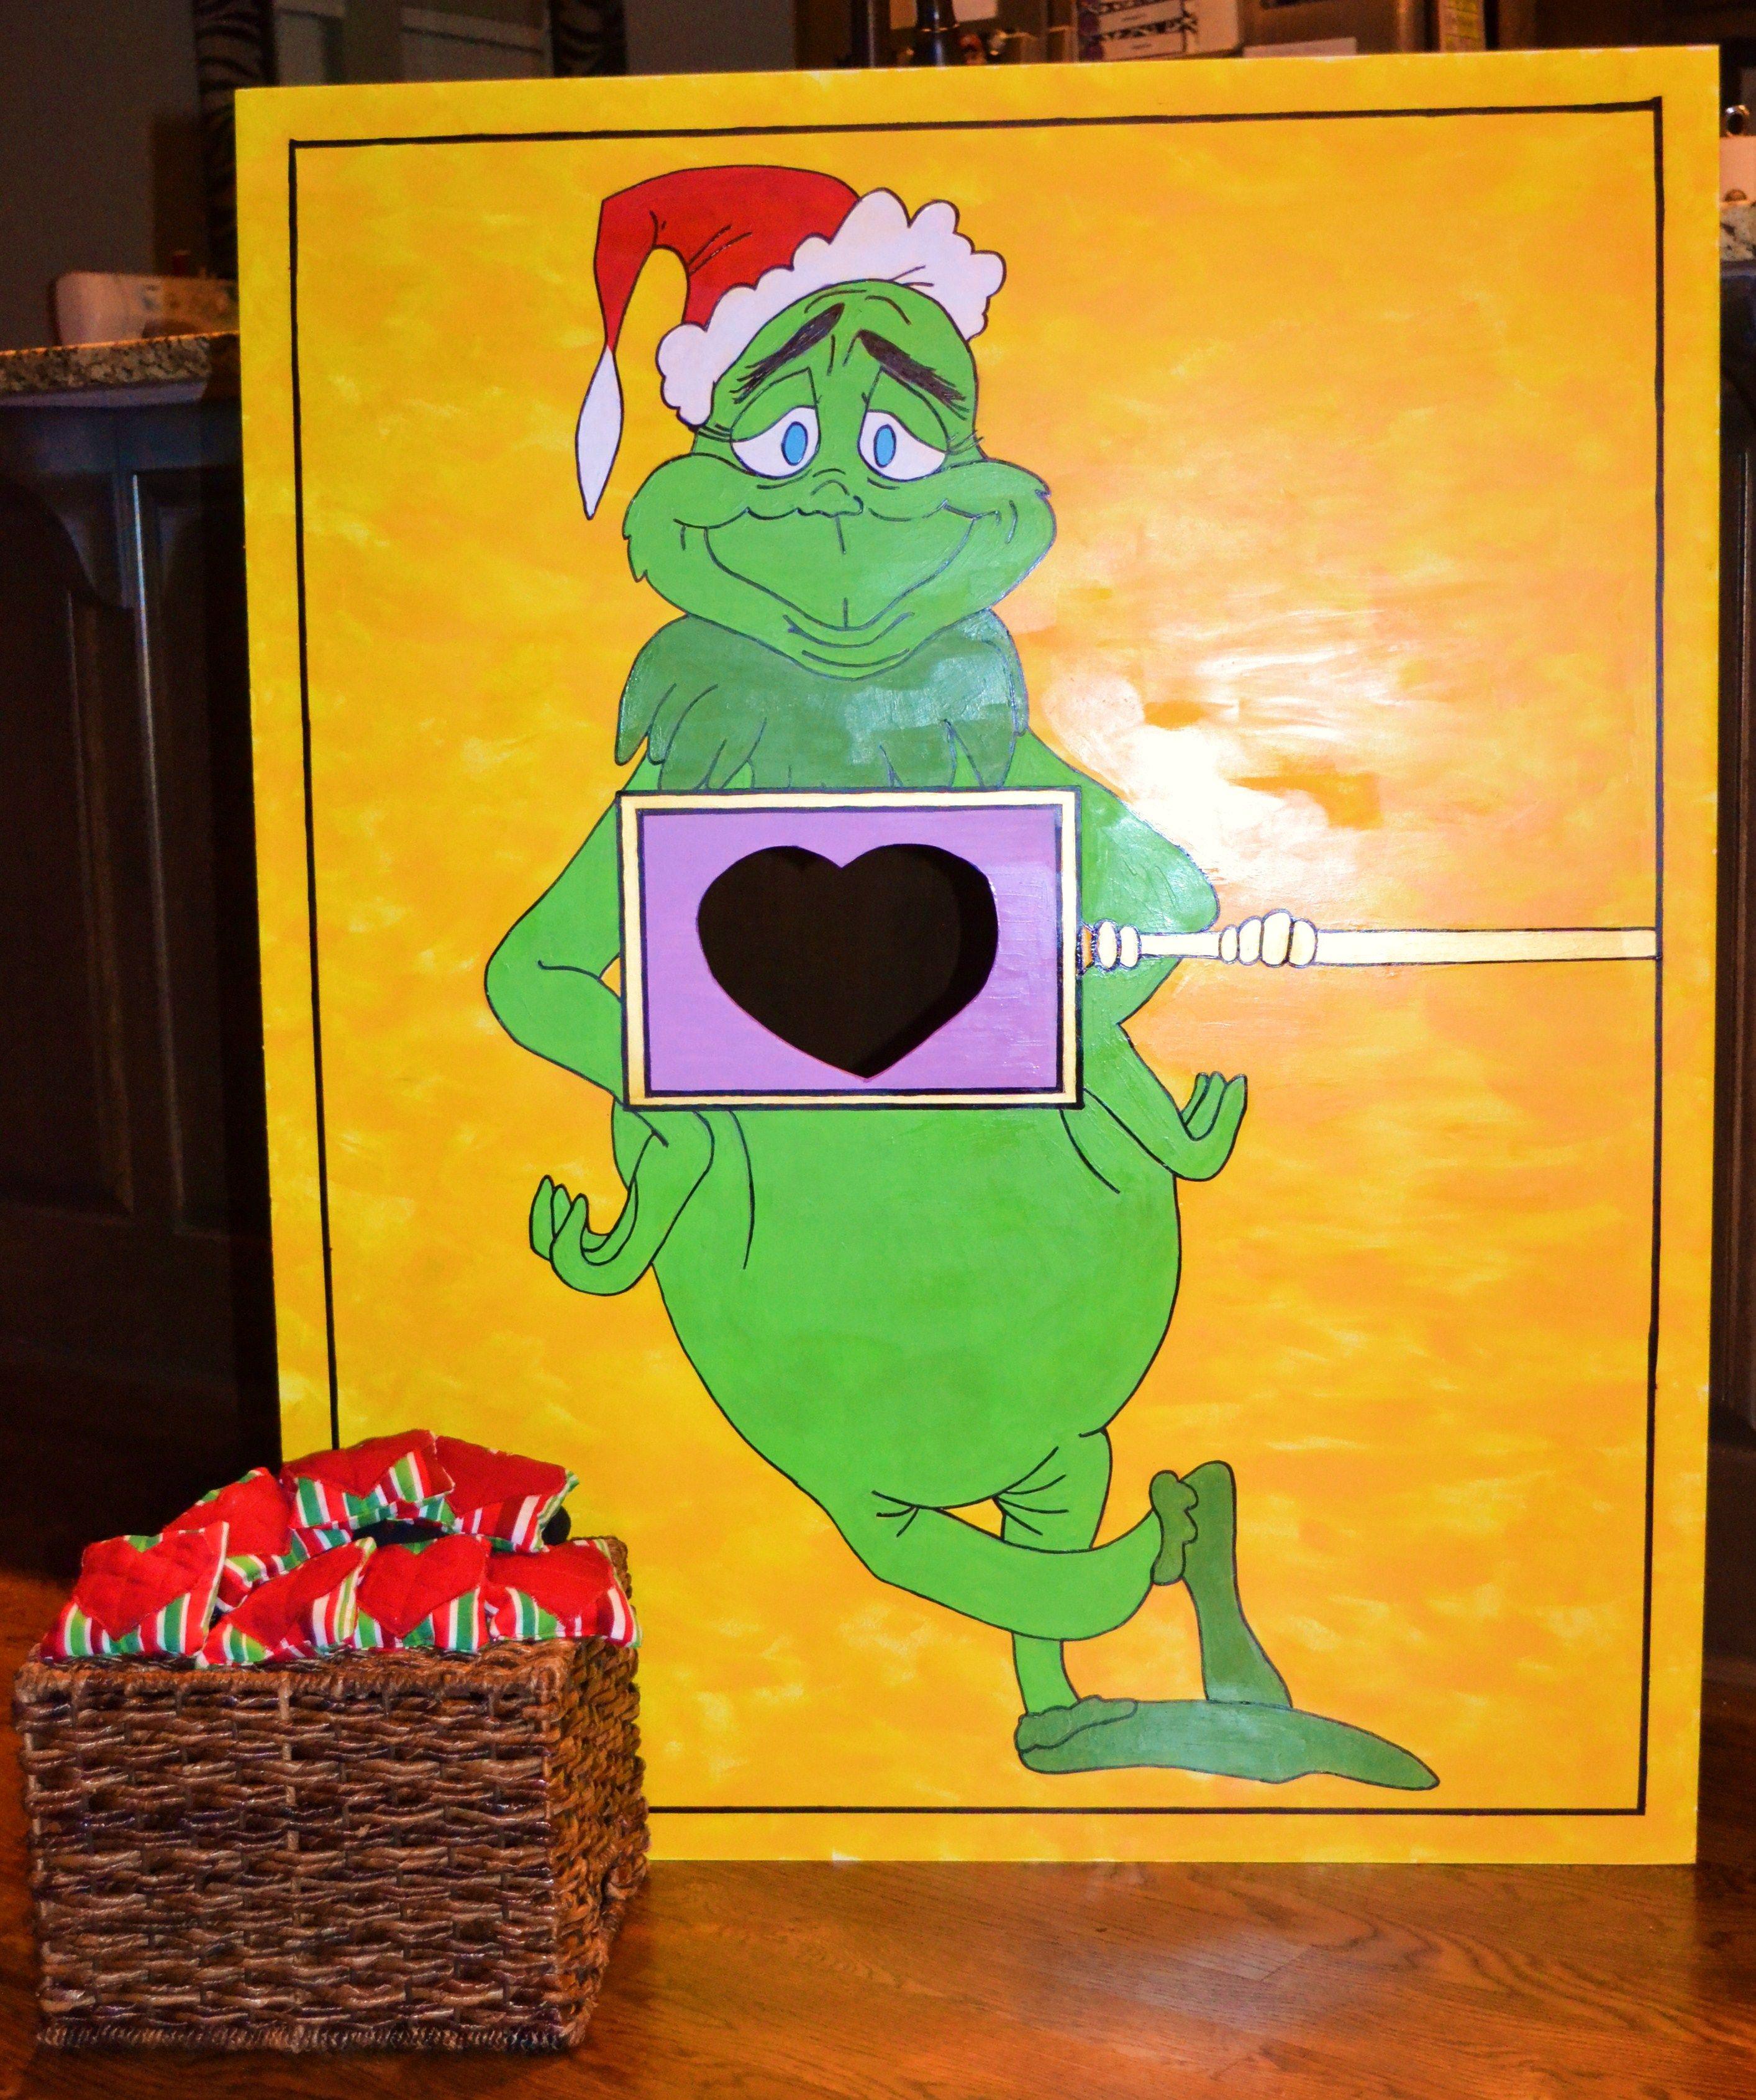 The Grinch Heart Bean Bag Toss